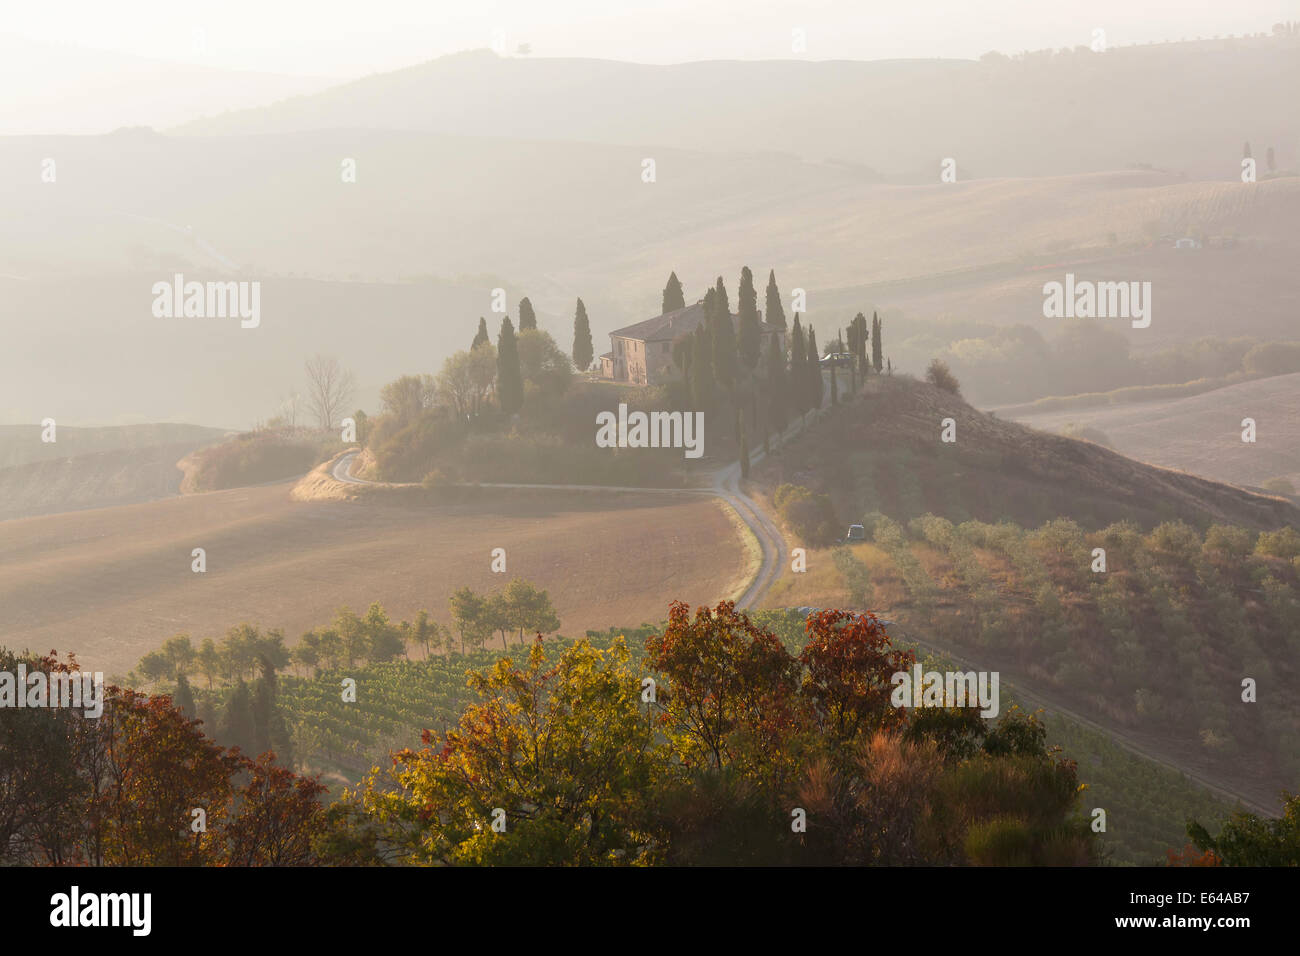 Tôt le matin, la Val d'Orcia, Toscane, Italie Photo Stock